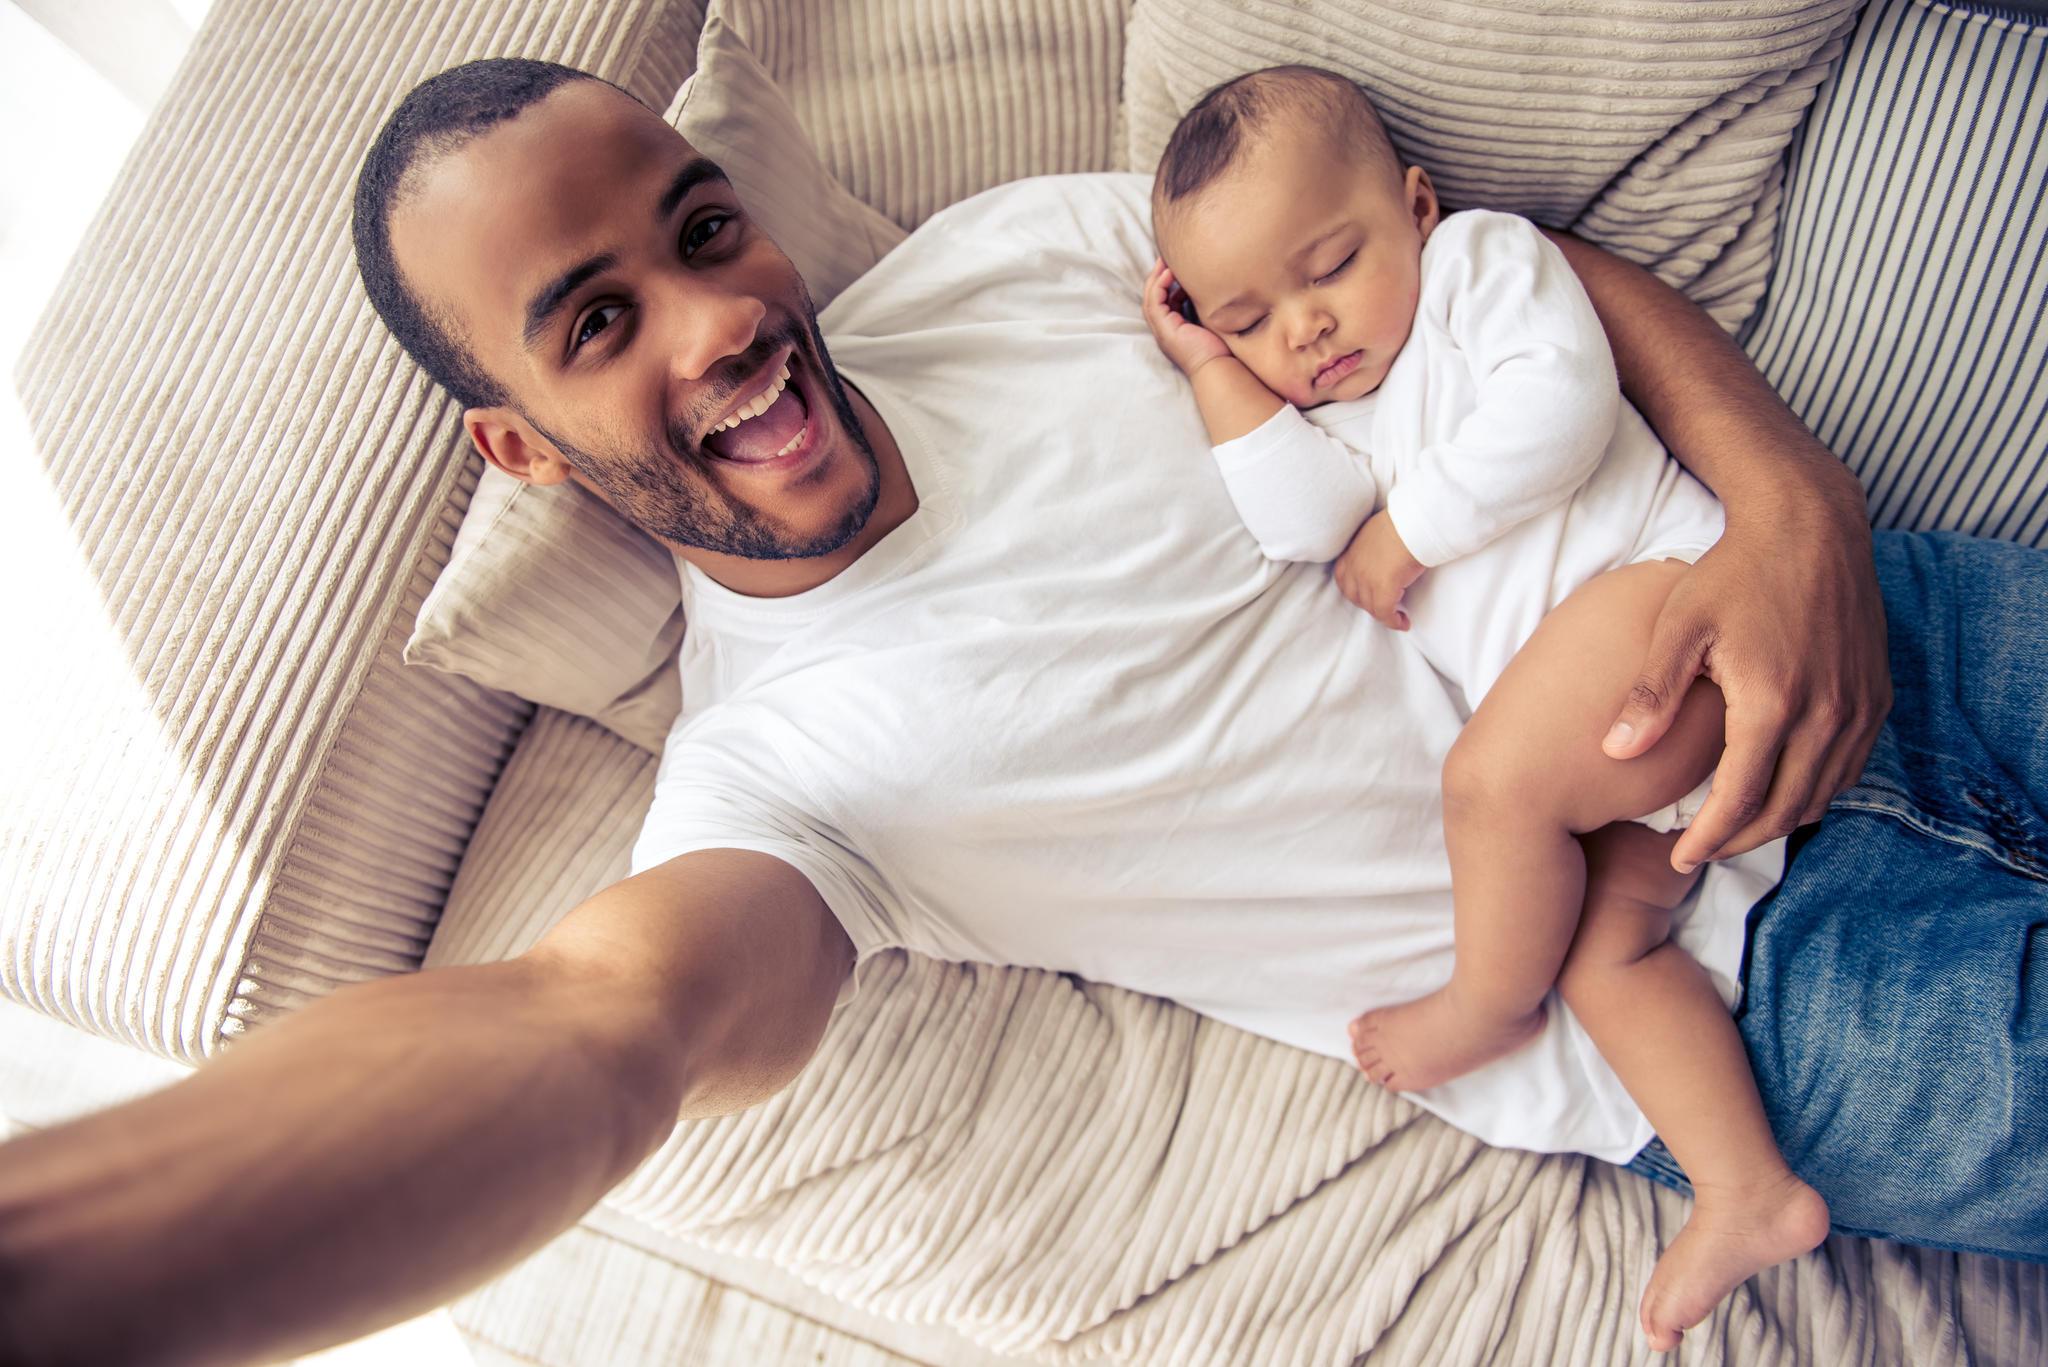 Niedlicher Trend in den USA: Väter posten sich mit ihren schlafenden Kindern (Symbolbild).